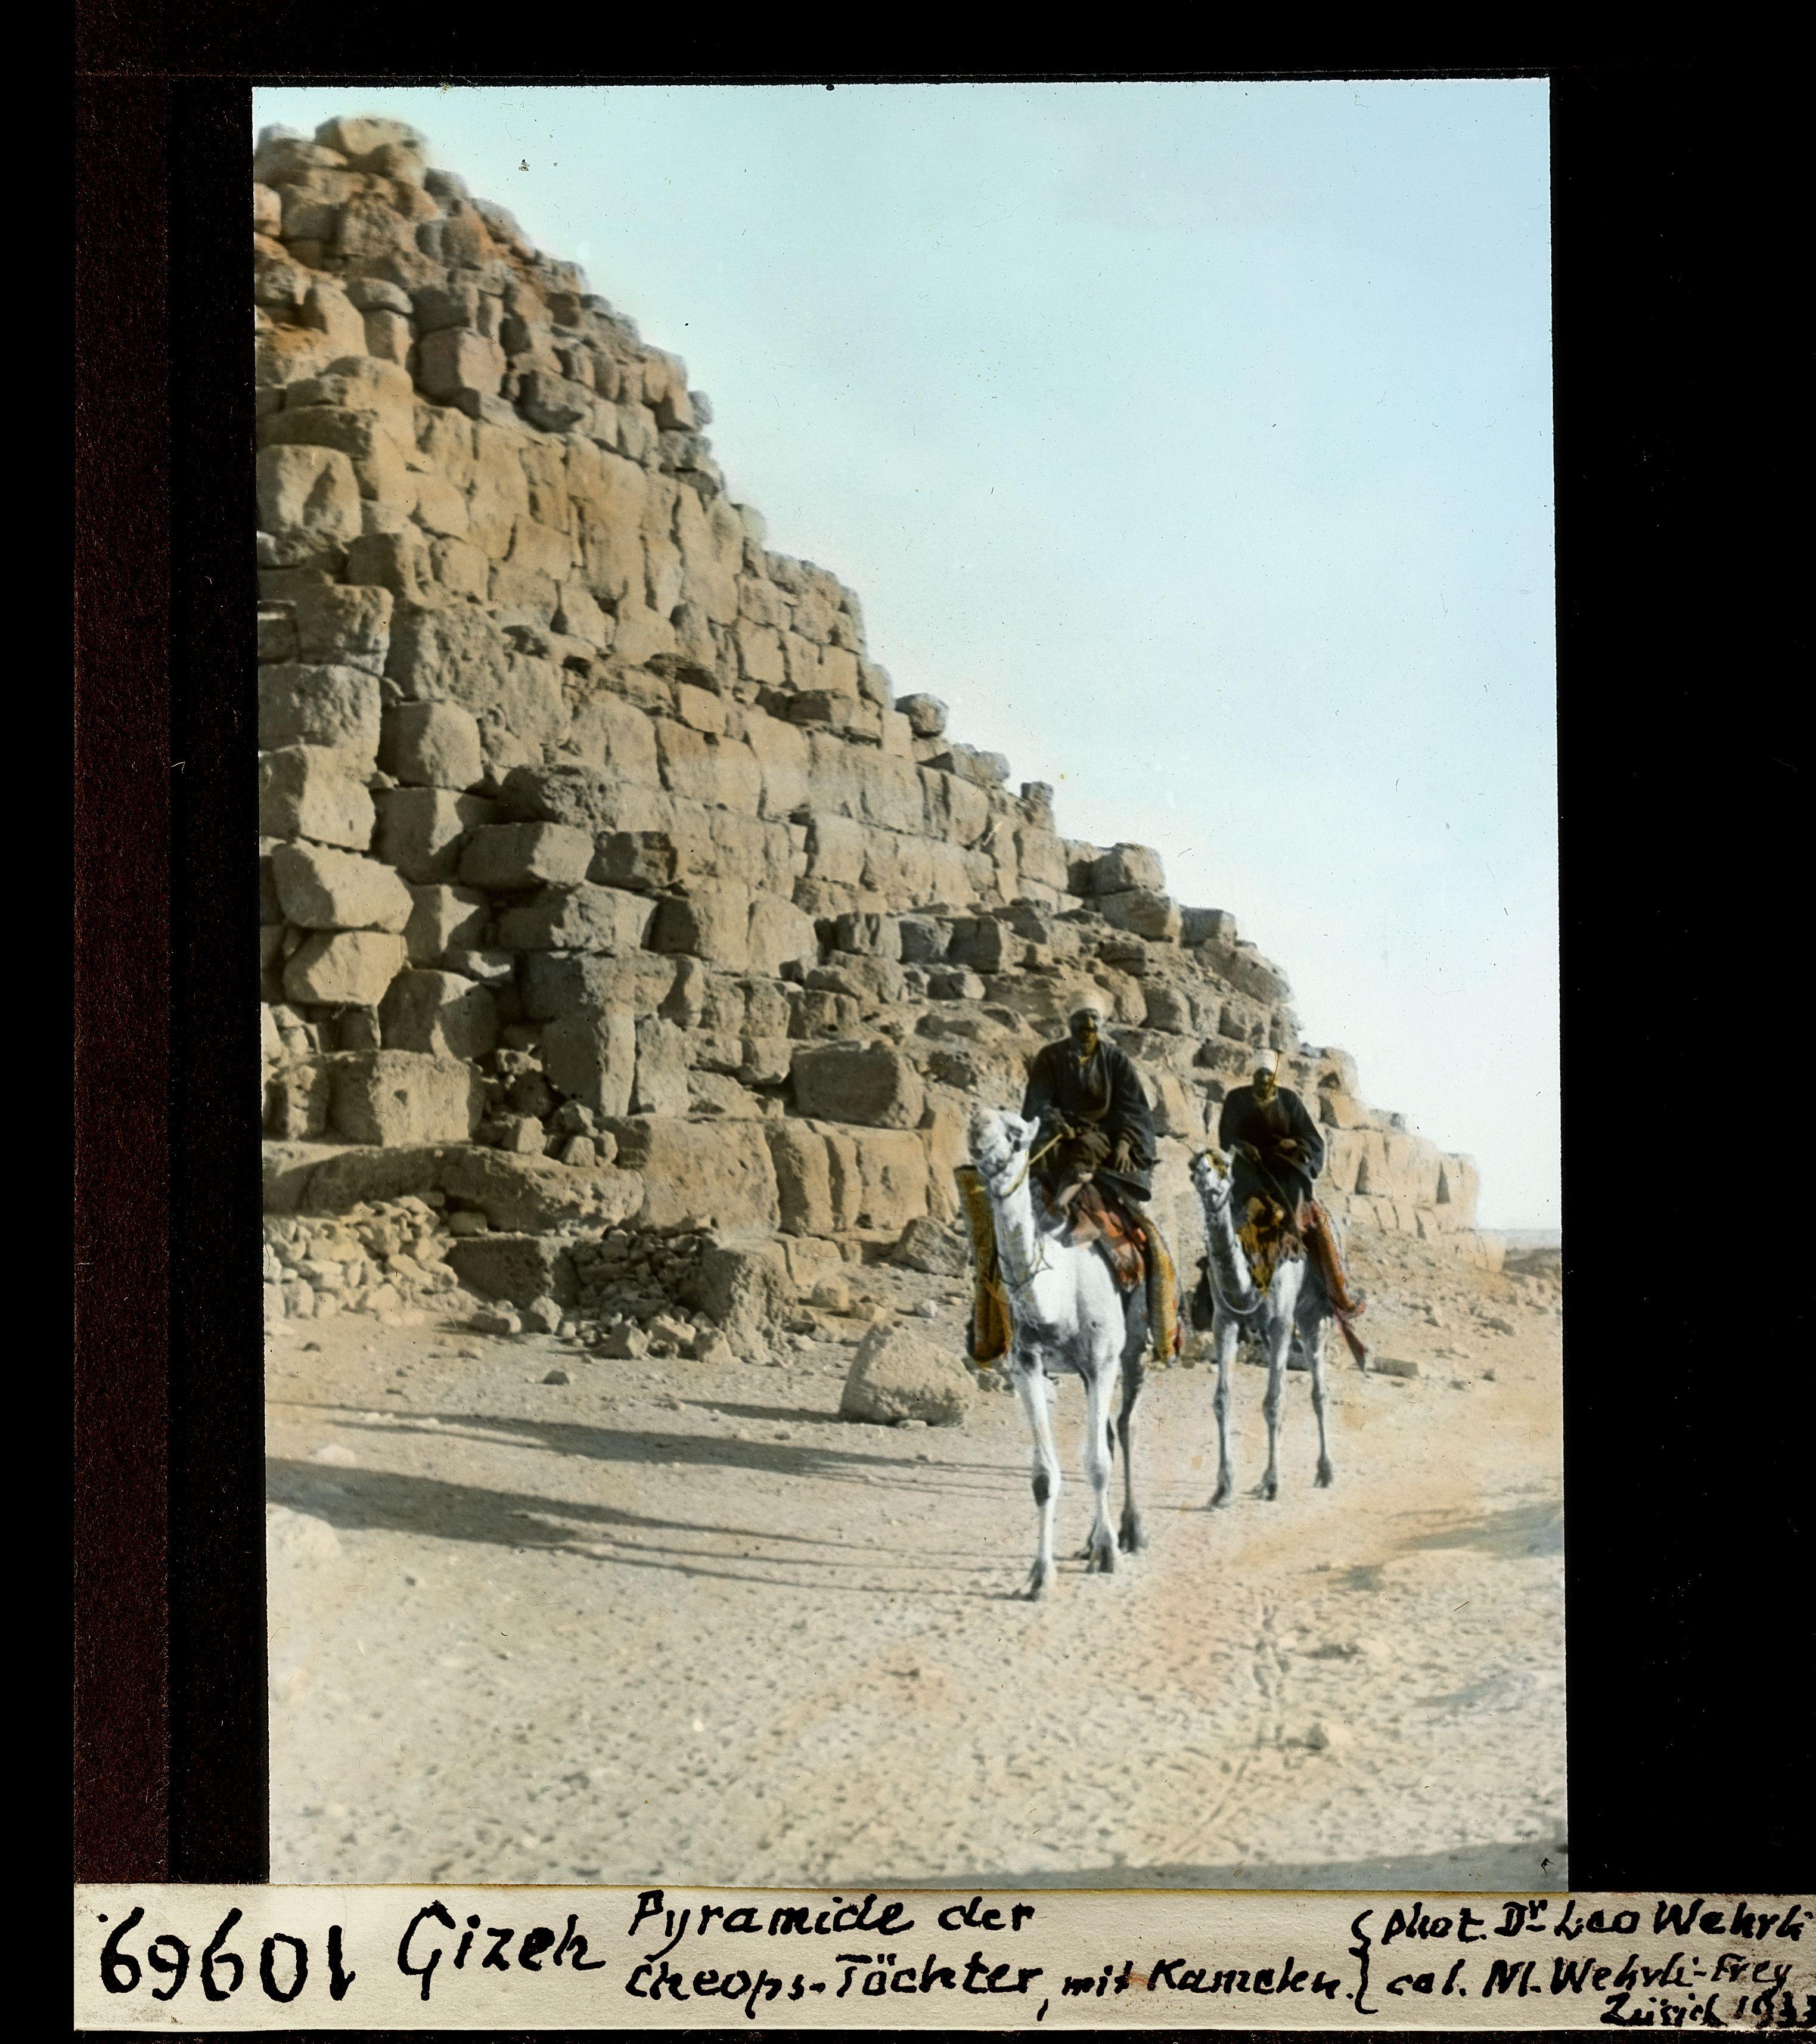 Гиза. Пирамида, построенная дочерью Хеопса (по Геродоту) и верблюды